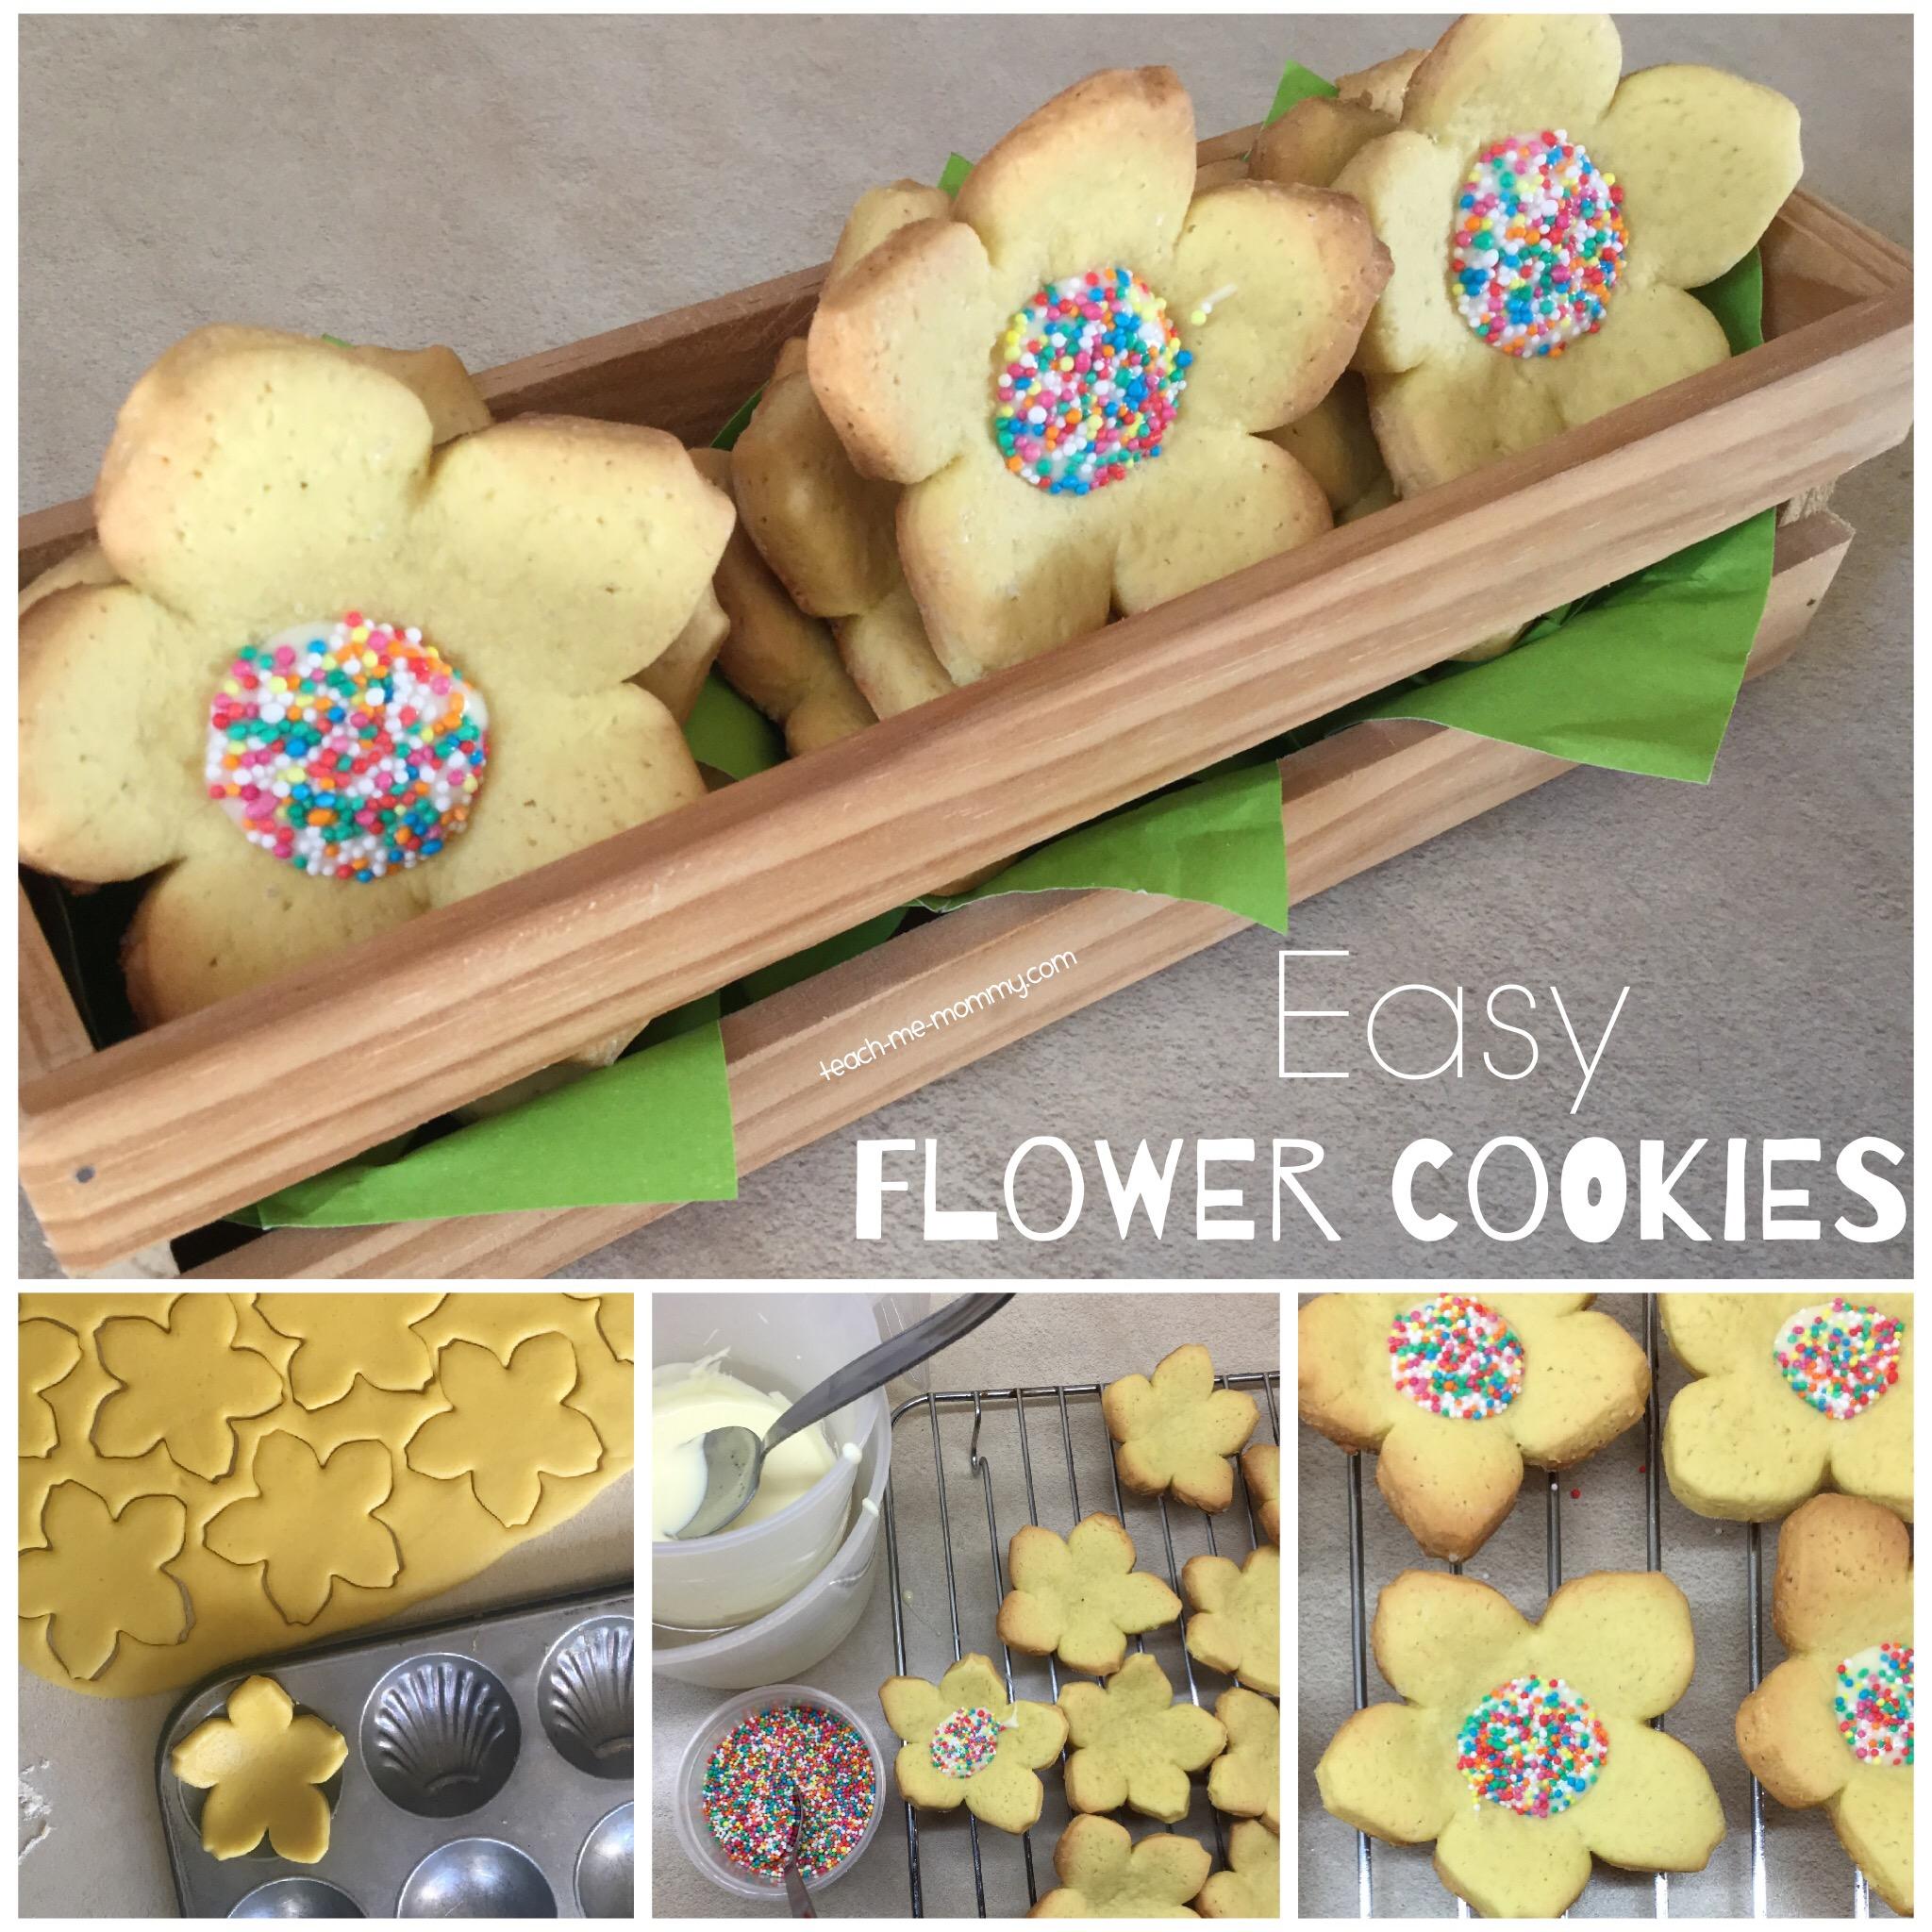 Easy flower cookies